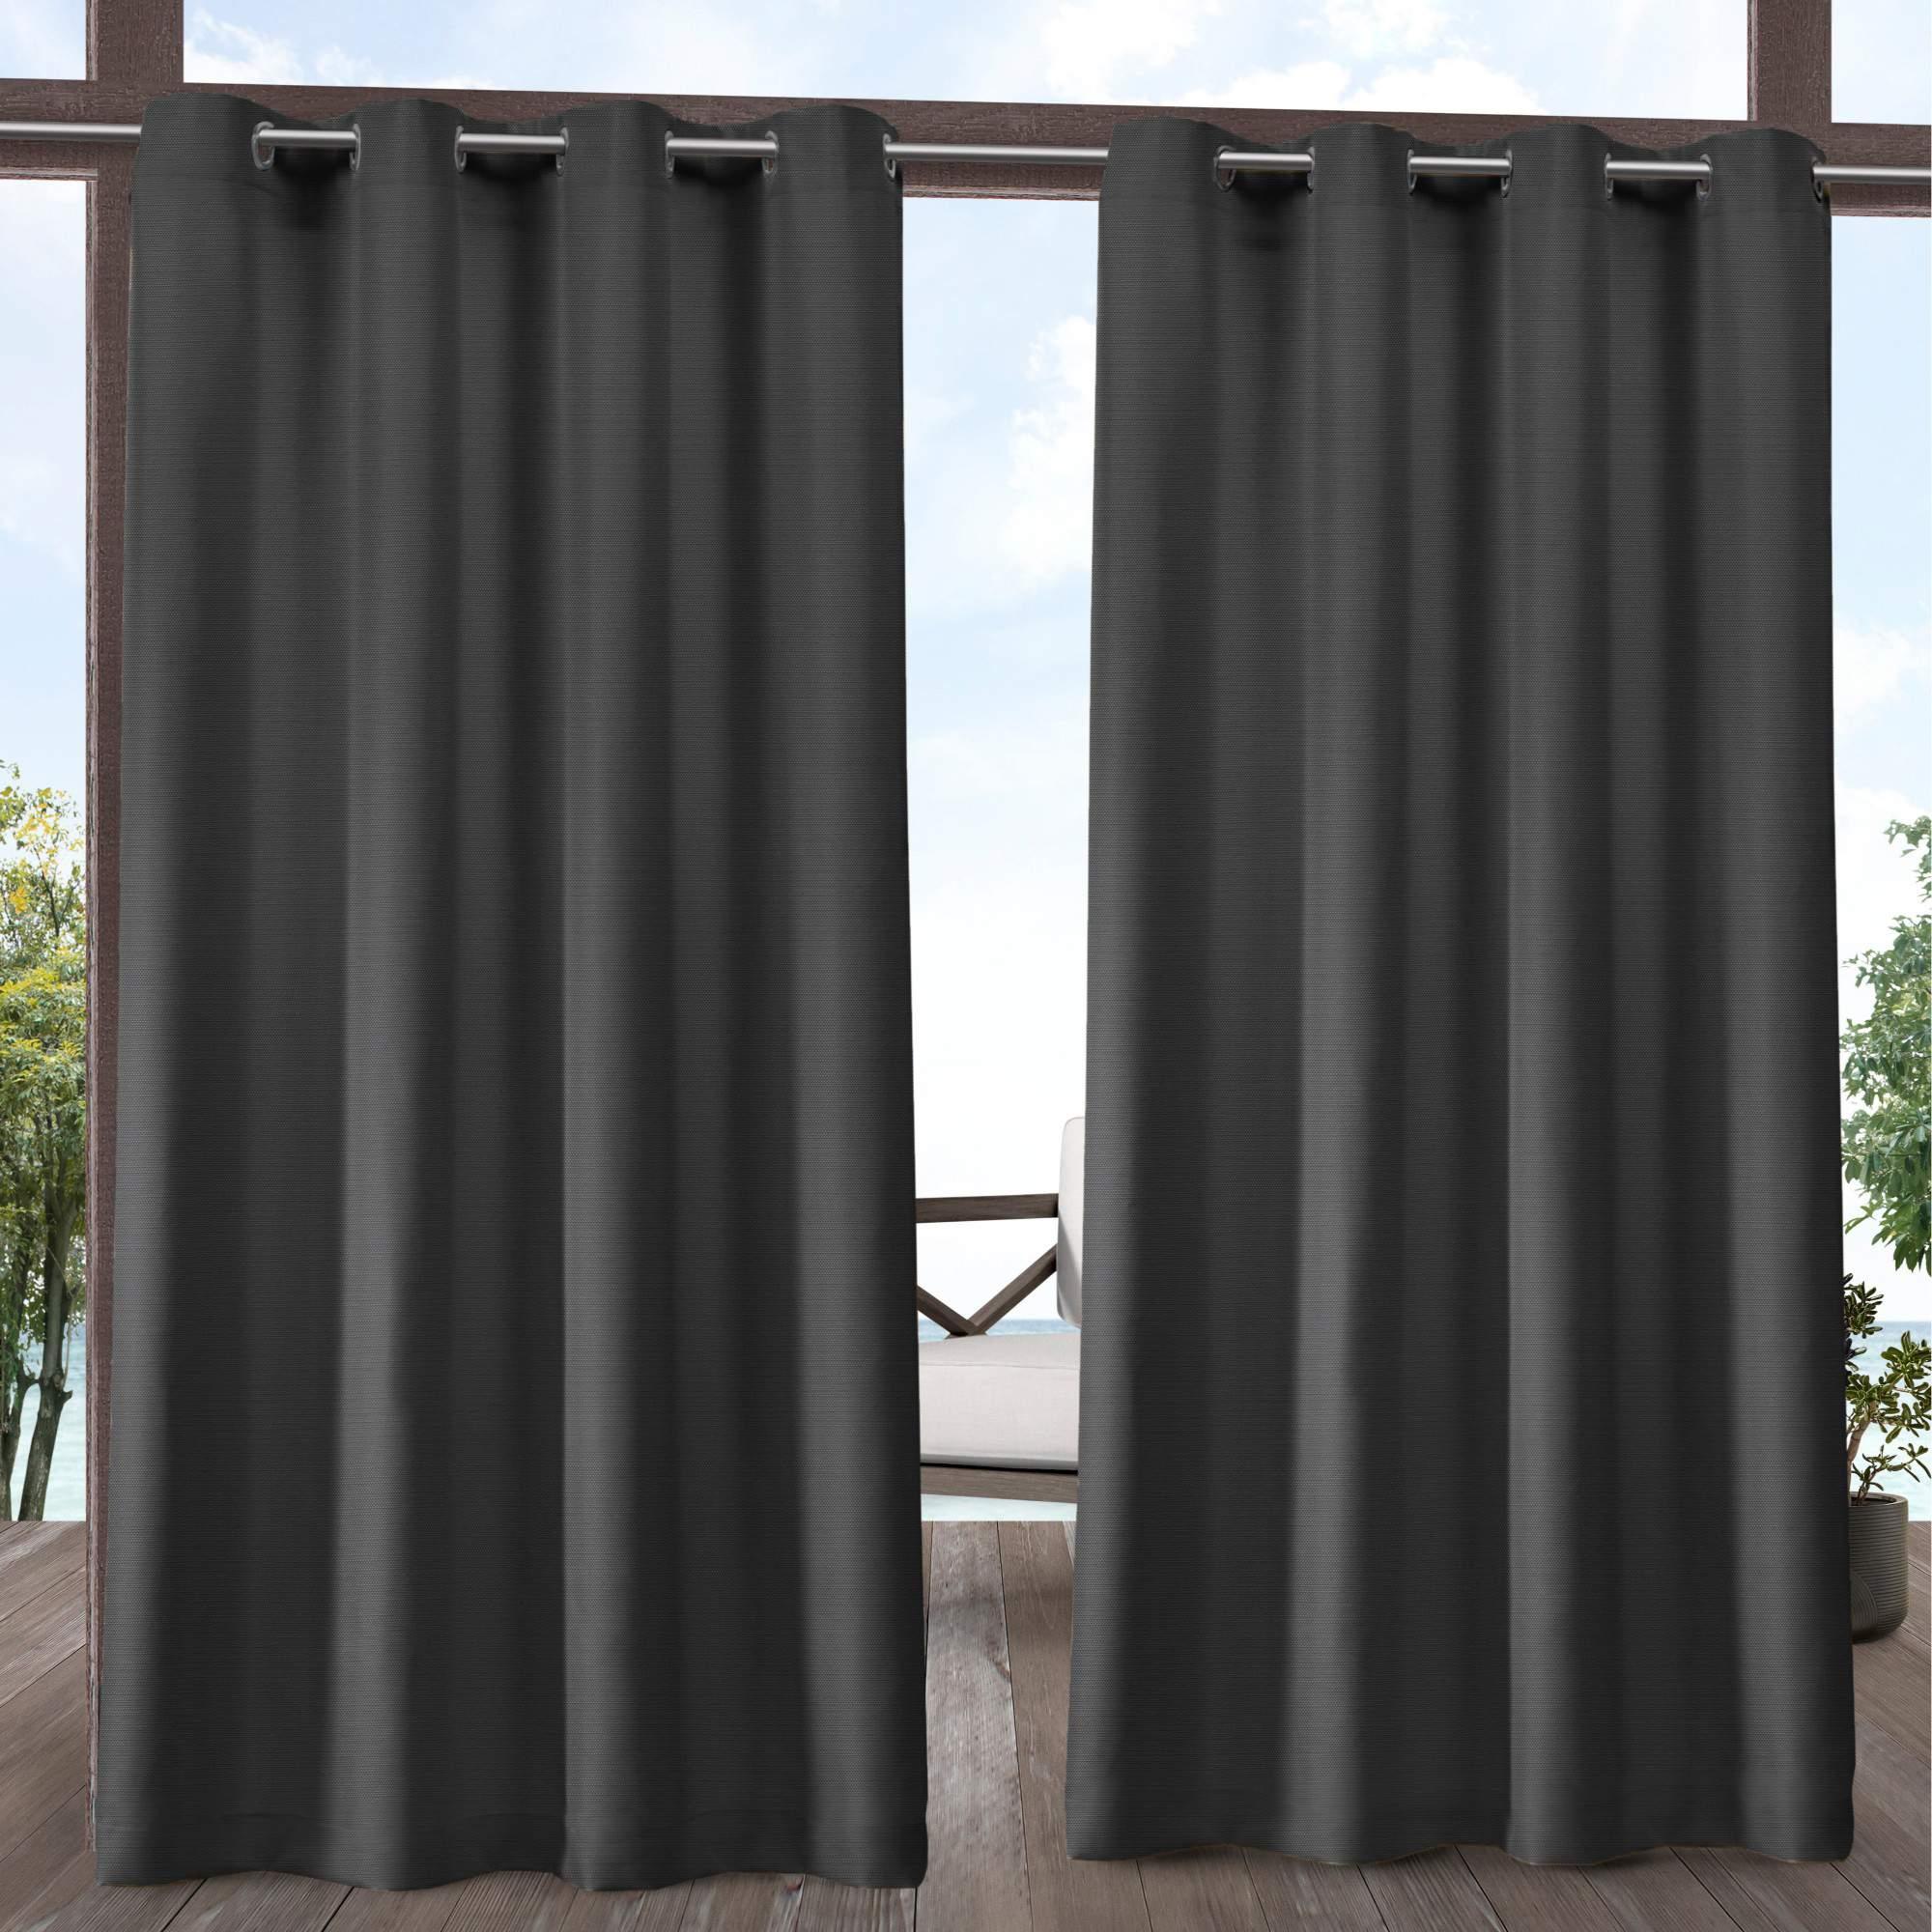 Exclusive Home Delano Indoor/outdoor Grommet Top Curtain Panel Pair For Delano Indoor/outdoor Grommet Top Curtain Panel Pairs (View 5 of 20)